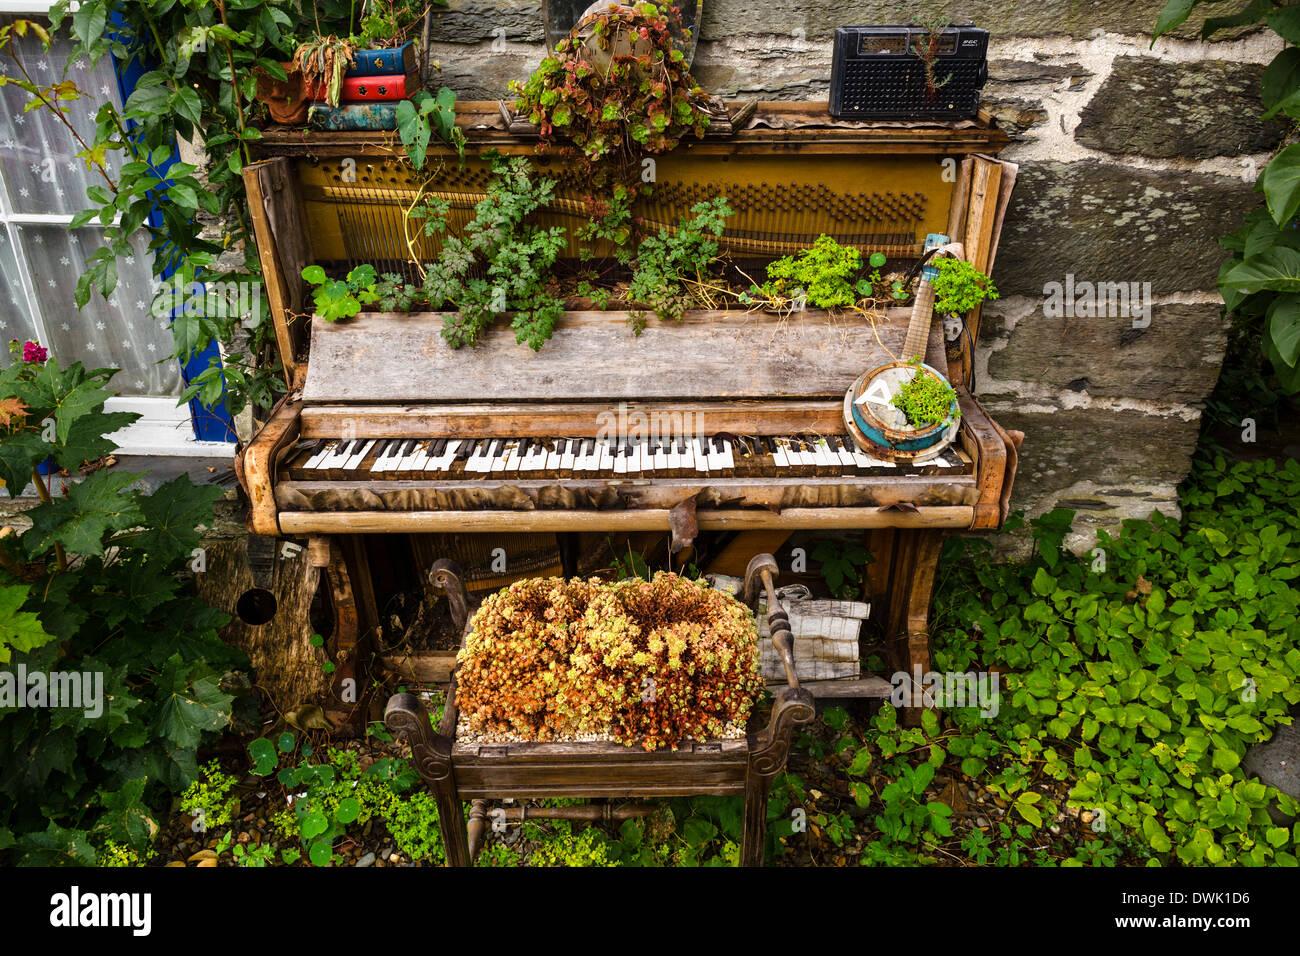 Vecchio pianoforte e pianoforte sgabello usato come fioriere nel